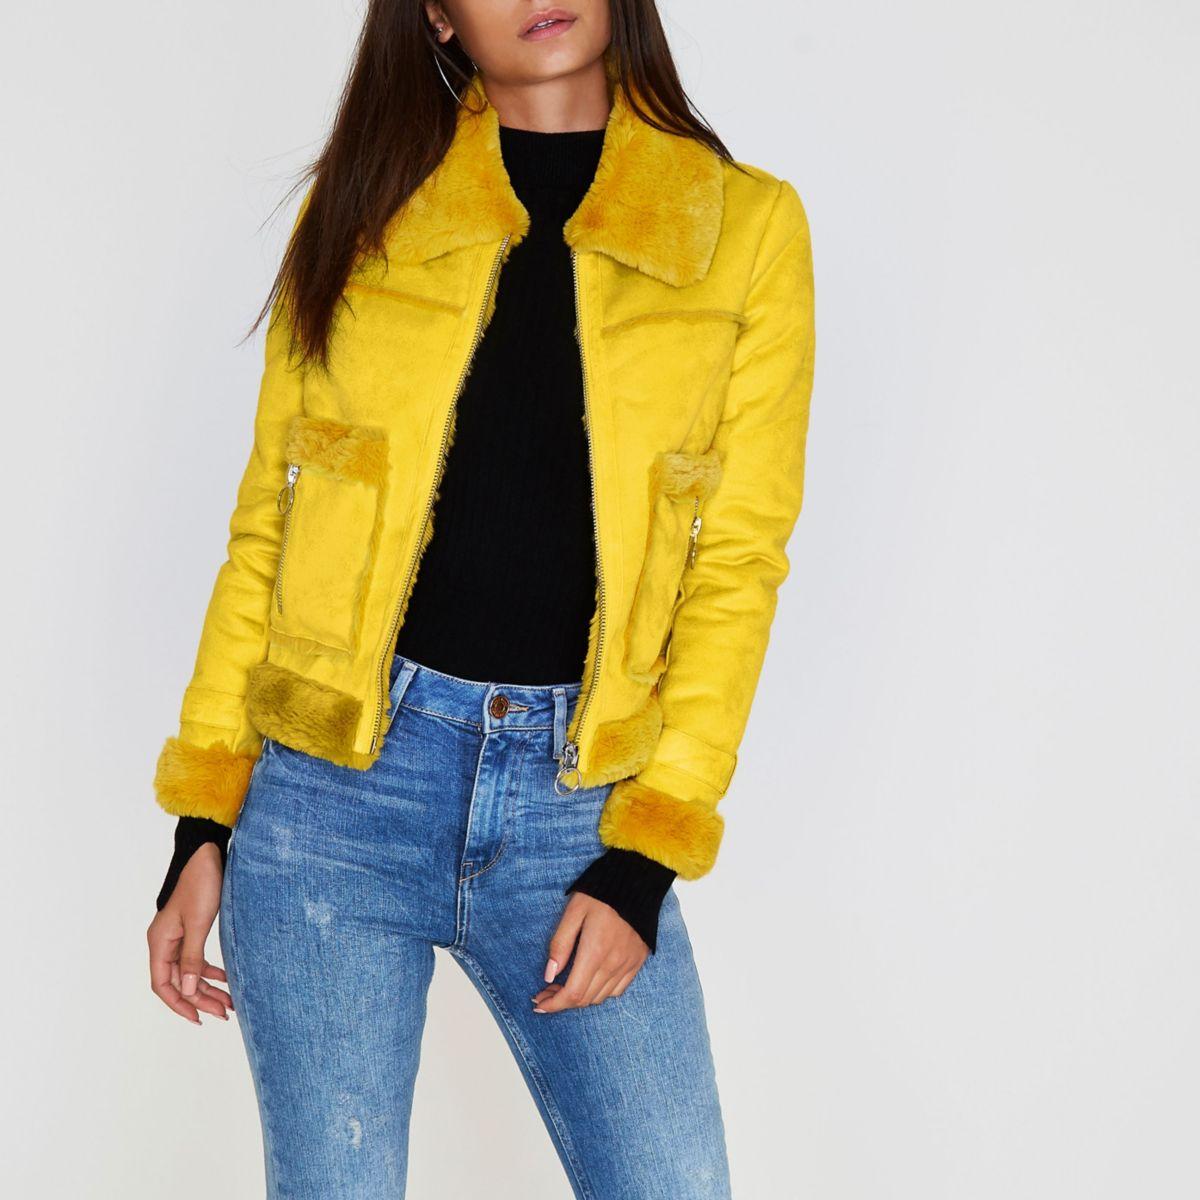 Yellow faux shearling trucker jacket